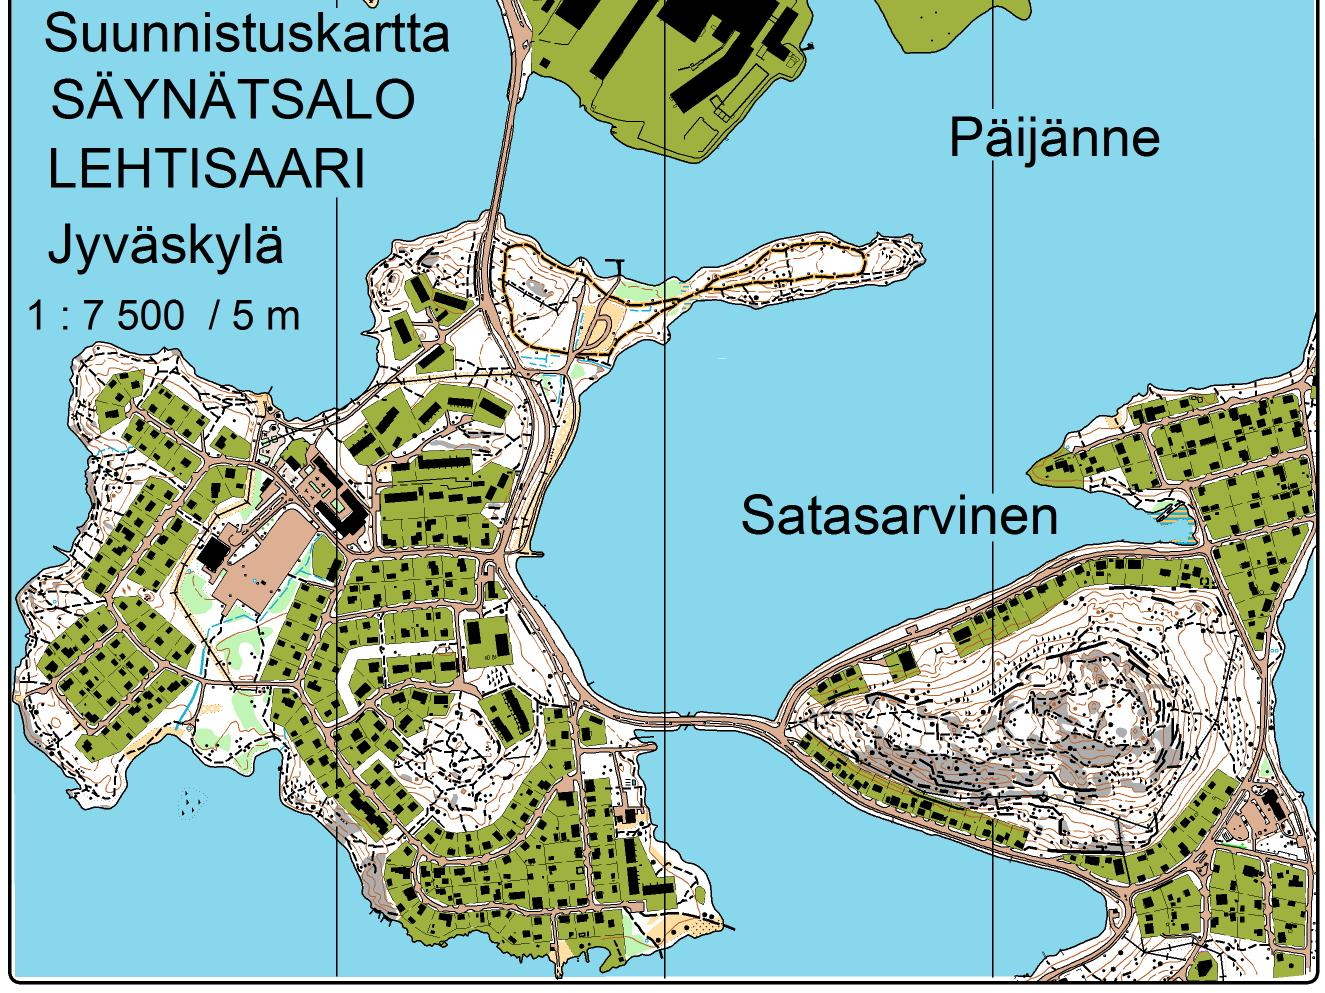 Saynatsalon Voimalinja Ja Muita Aloitteita Kuntalaisaloitepalvelu